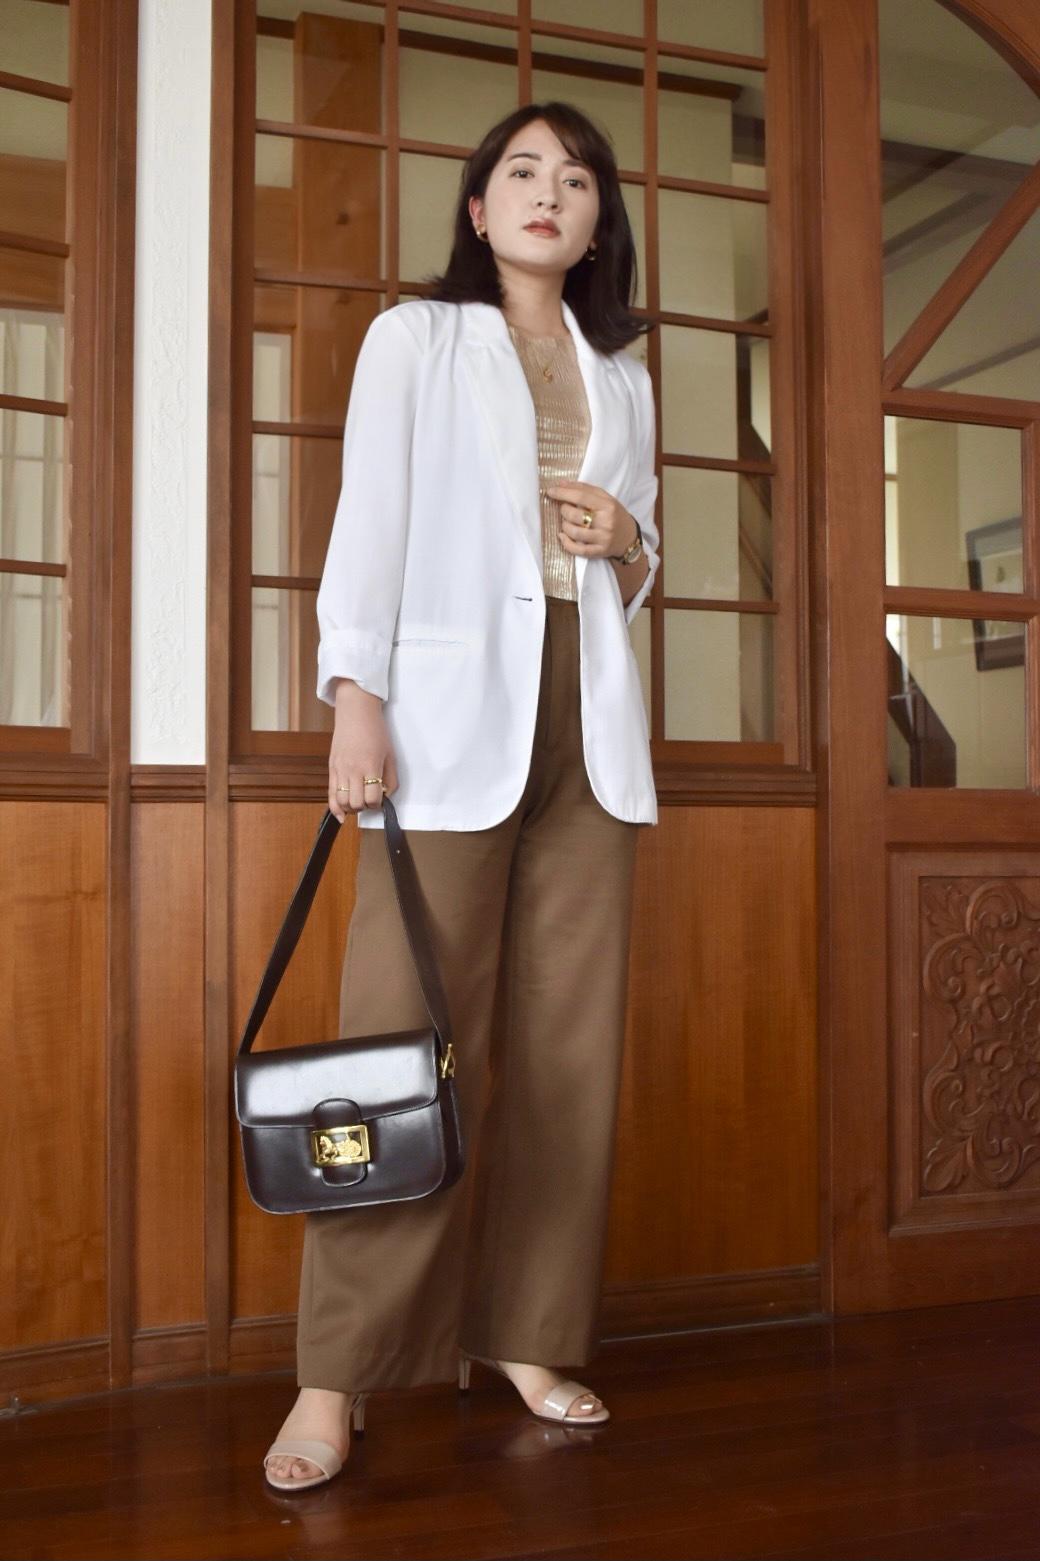 Jacket: vintage (HAIGHT&ASUBURY) Tops: vintage (HAIGHT&ASUBURY) Pants: vintage (HAIGHT&ASUBURY) Bag: vintage (Hedy) Shoes:FURLA  ゴールドが眩しいトップスにブラウンのパンツを合わせ、夏素材の涼やかなジャケットを羽織ったコーディネート。袖を捲ってこなれた雰囲気を出しました。どれもオフィスシーンにもカジュアルにも着回しやすいアイテムです。